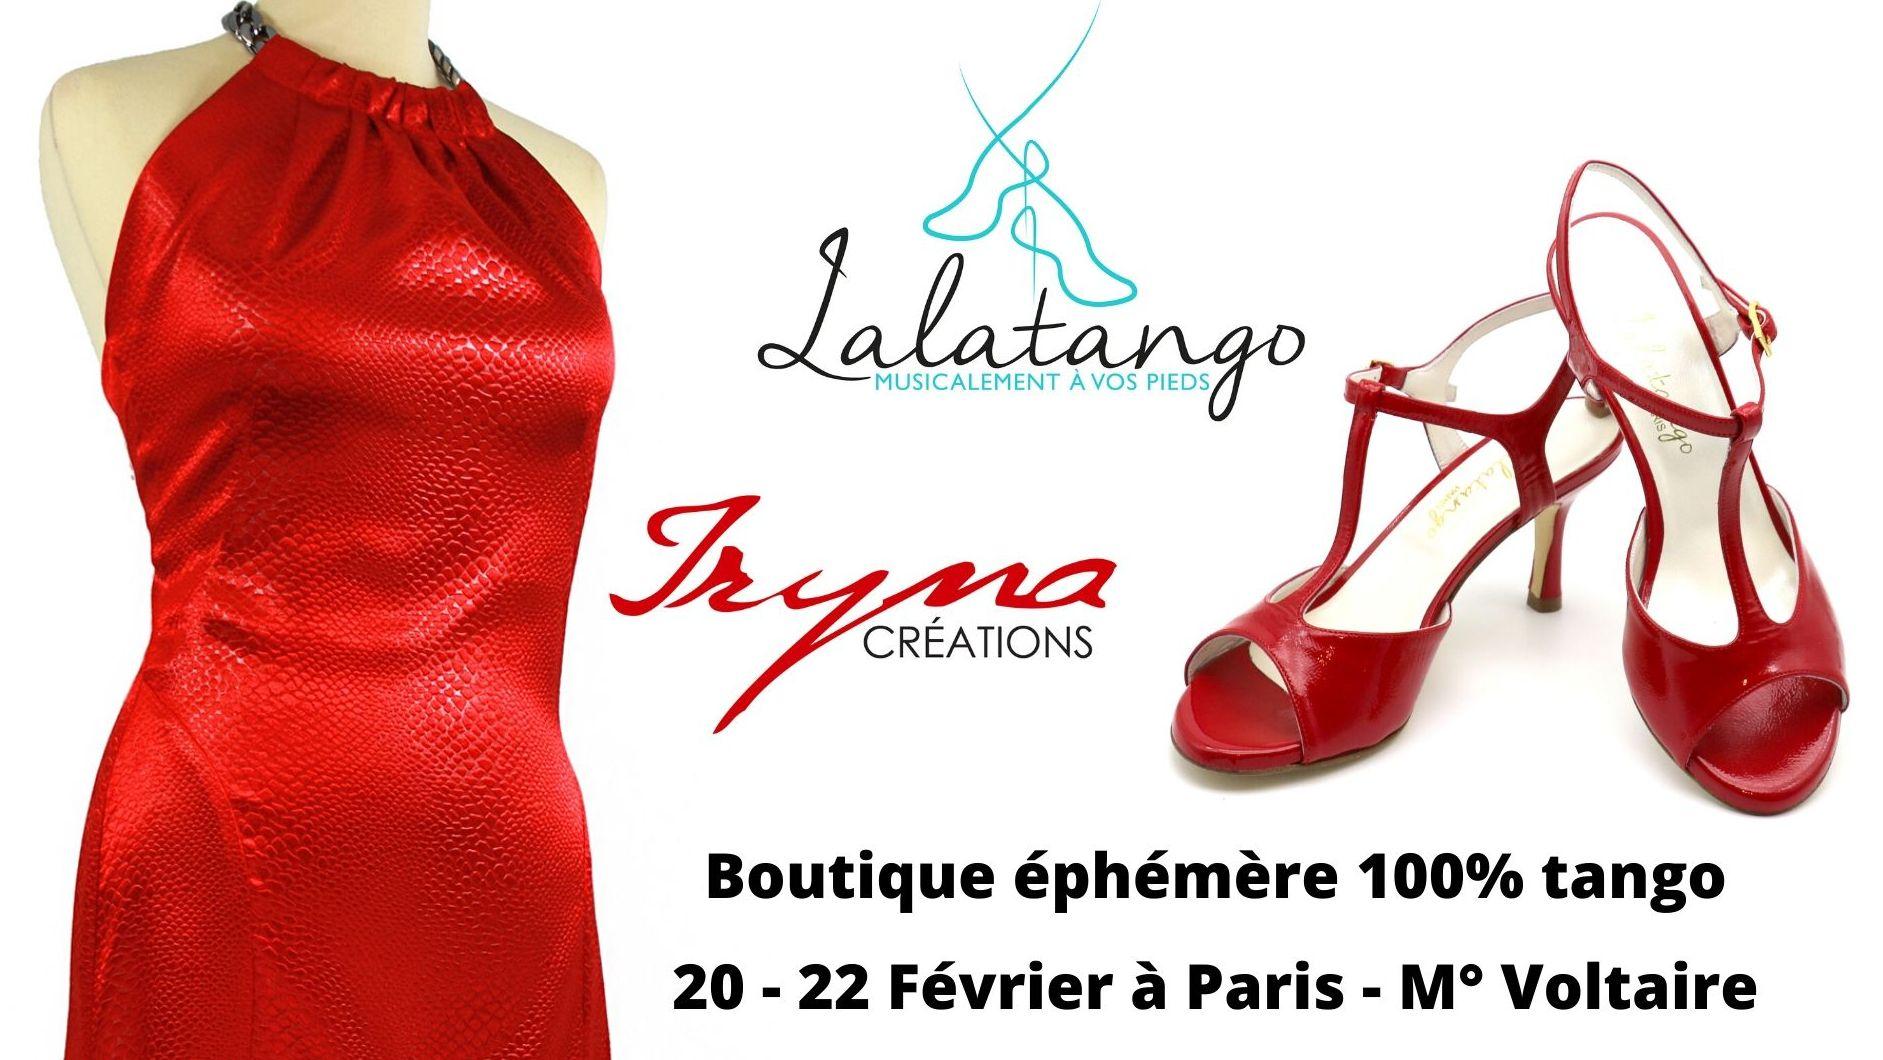 BOUTIQUE EPHEMERE : chaussures Lalatango et vêtements Iryna Créations du 20 au 22 Février au 8 Petion